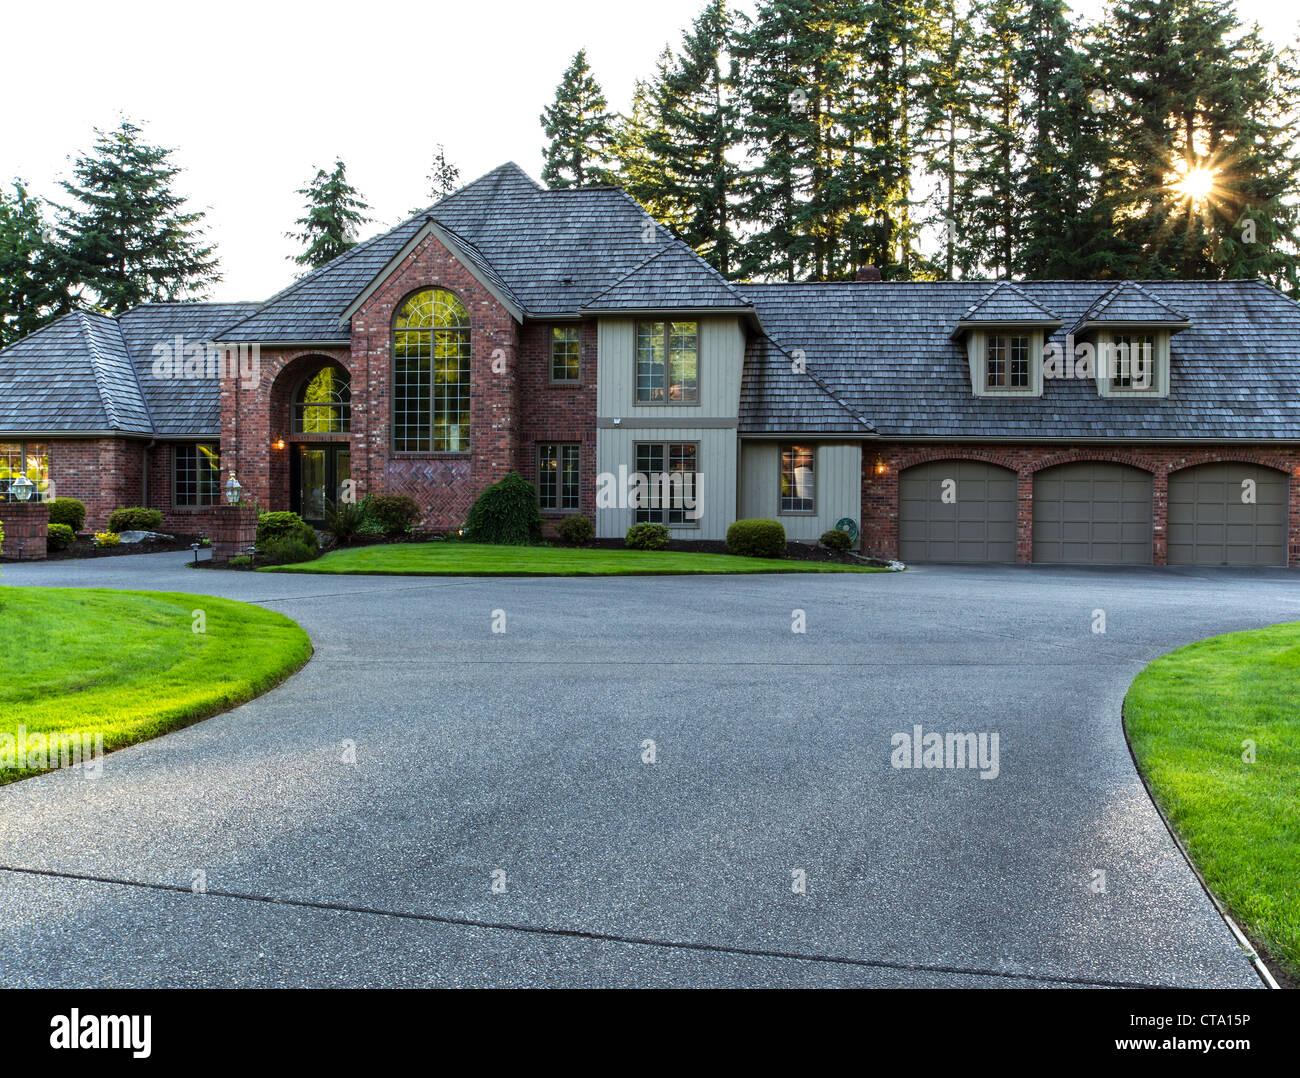 Entrada a gran casa de ladrillo y madera de cedro con árboles y sol en segundo plano. Imagen De Stock